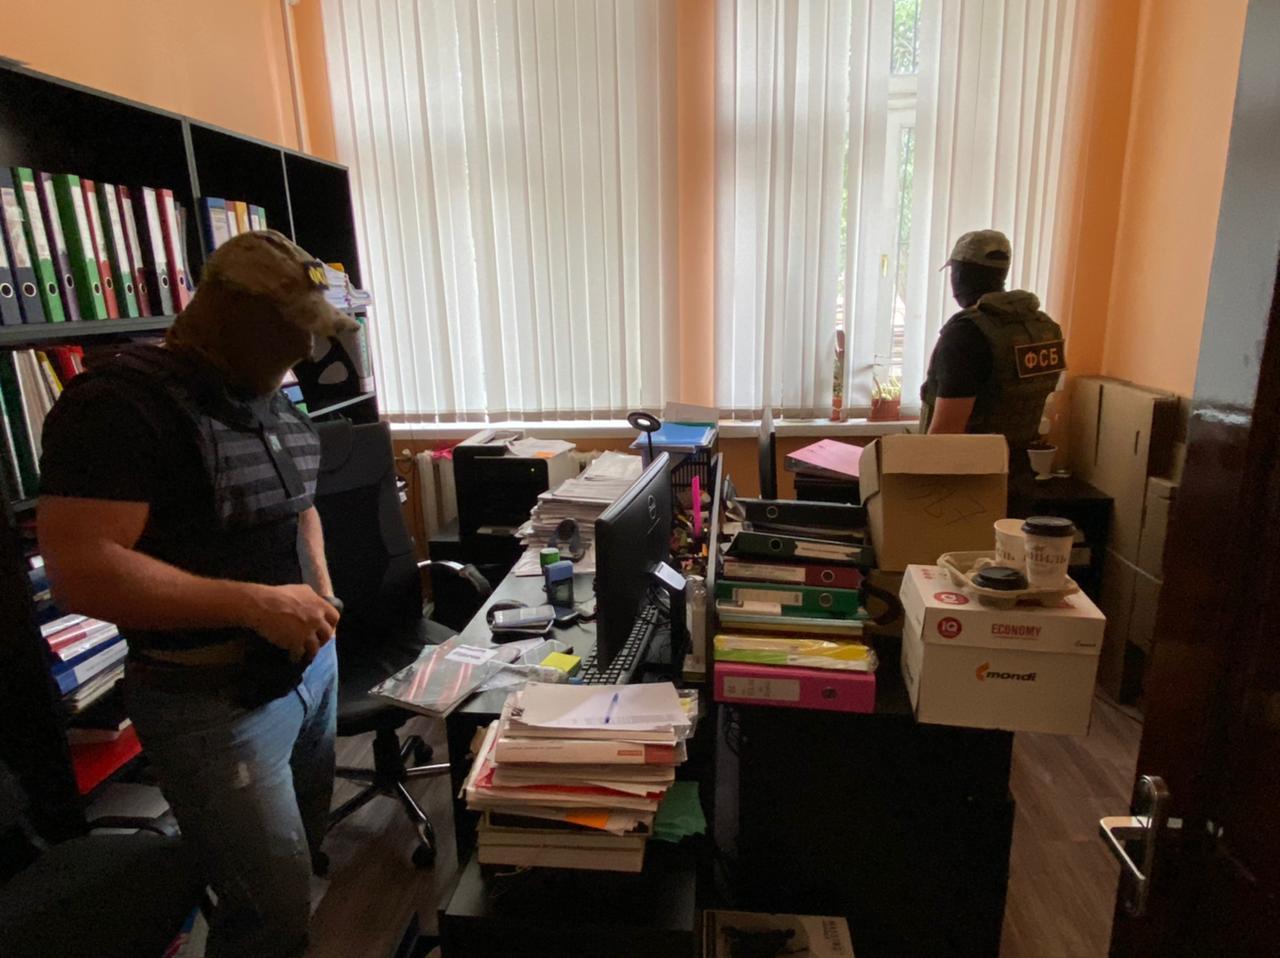 В Симферополе сотрудники ФСБ и Следкома накрыли сеть подпольных игровых залов